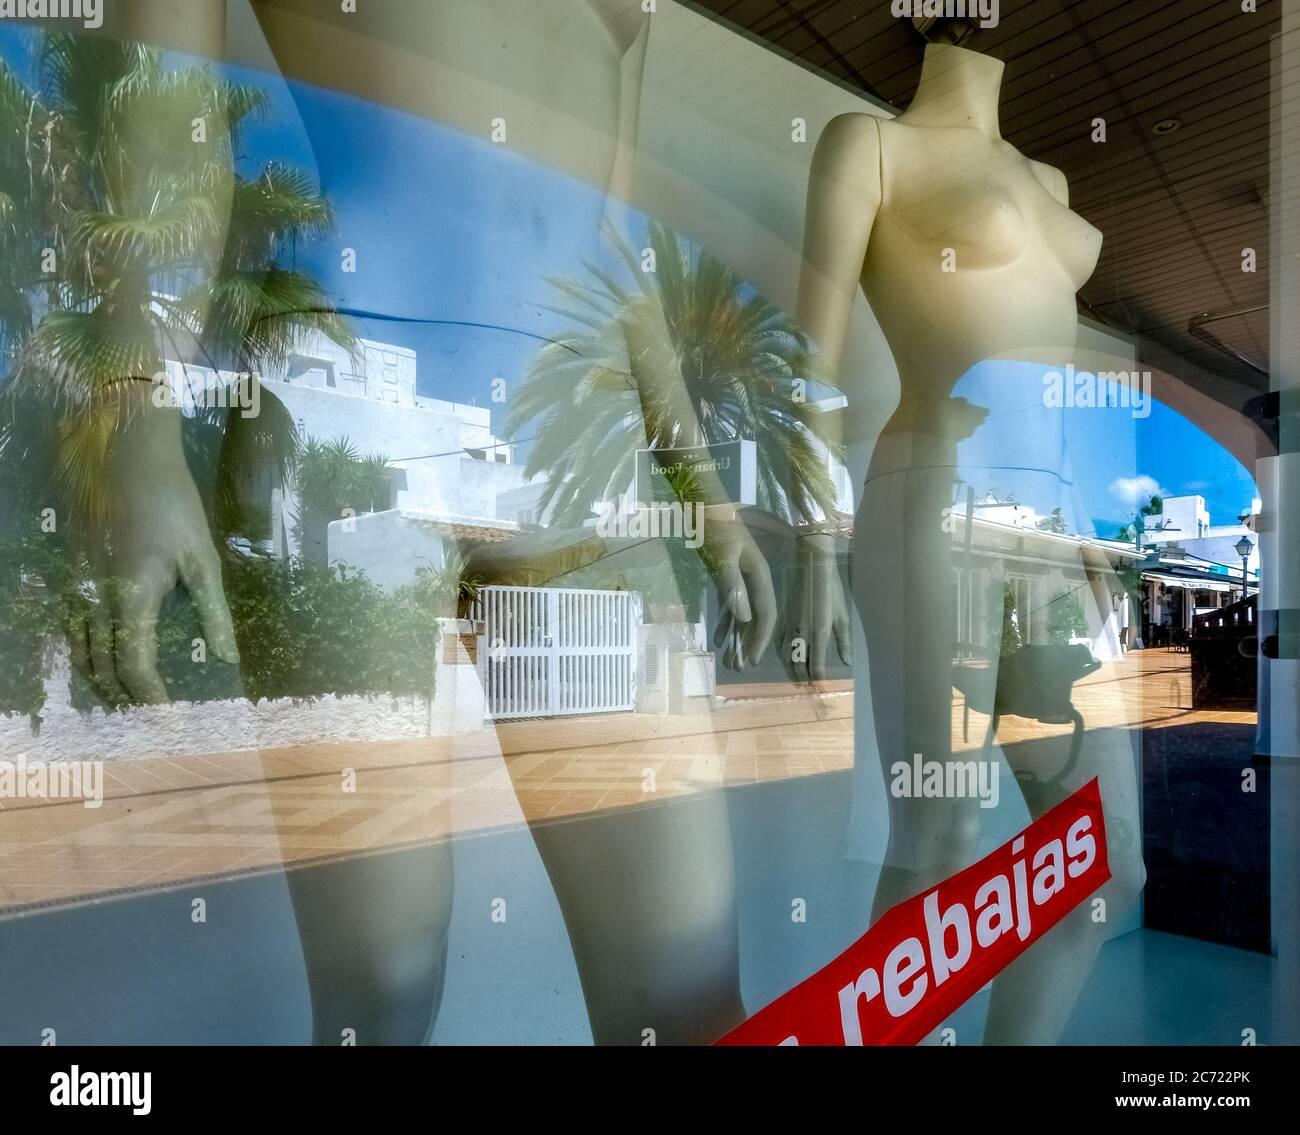 Geschlossene, leere Geschäfte im ehemals gut besuchten Ferienort Cala d'Or an der Südostküste Mallorcas. Frühzeitiger Abverkauf ohne Kunden. Stockfoto